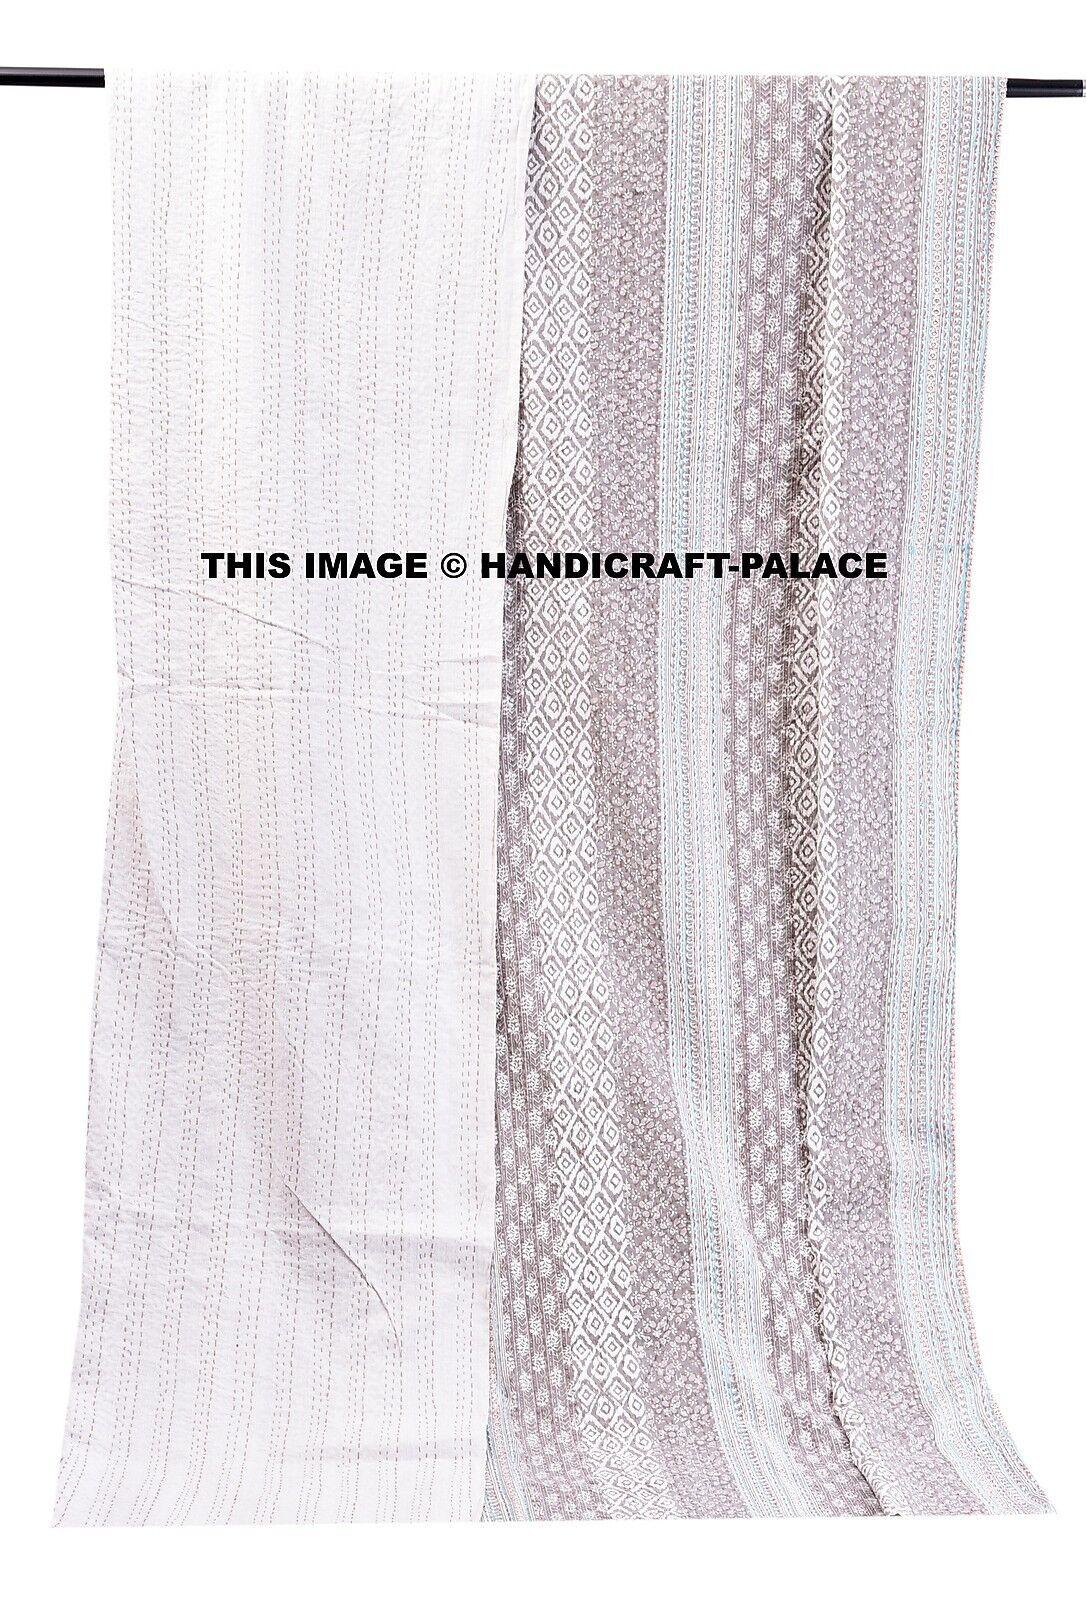 Indian Bedspread Handmade grau Kantha Quilt 100% Cotton Throw King Größe Blanket